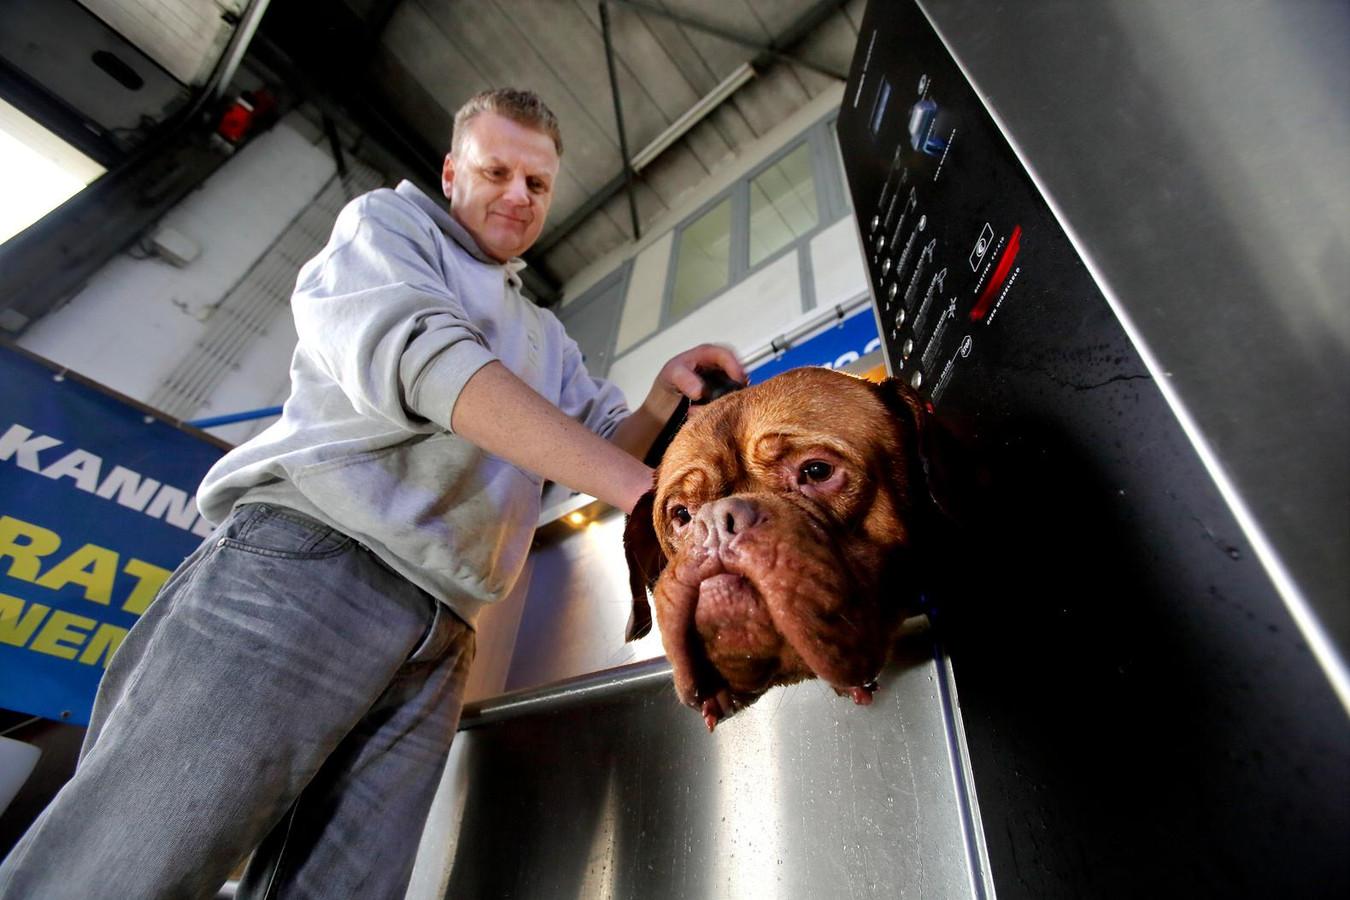 Hond Droef krijgt een wasbeurt.